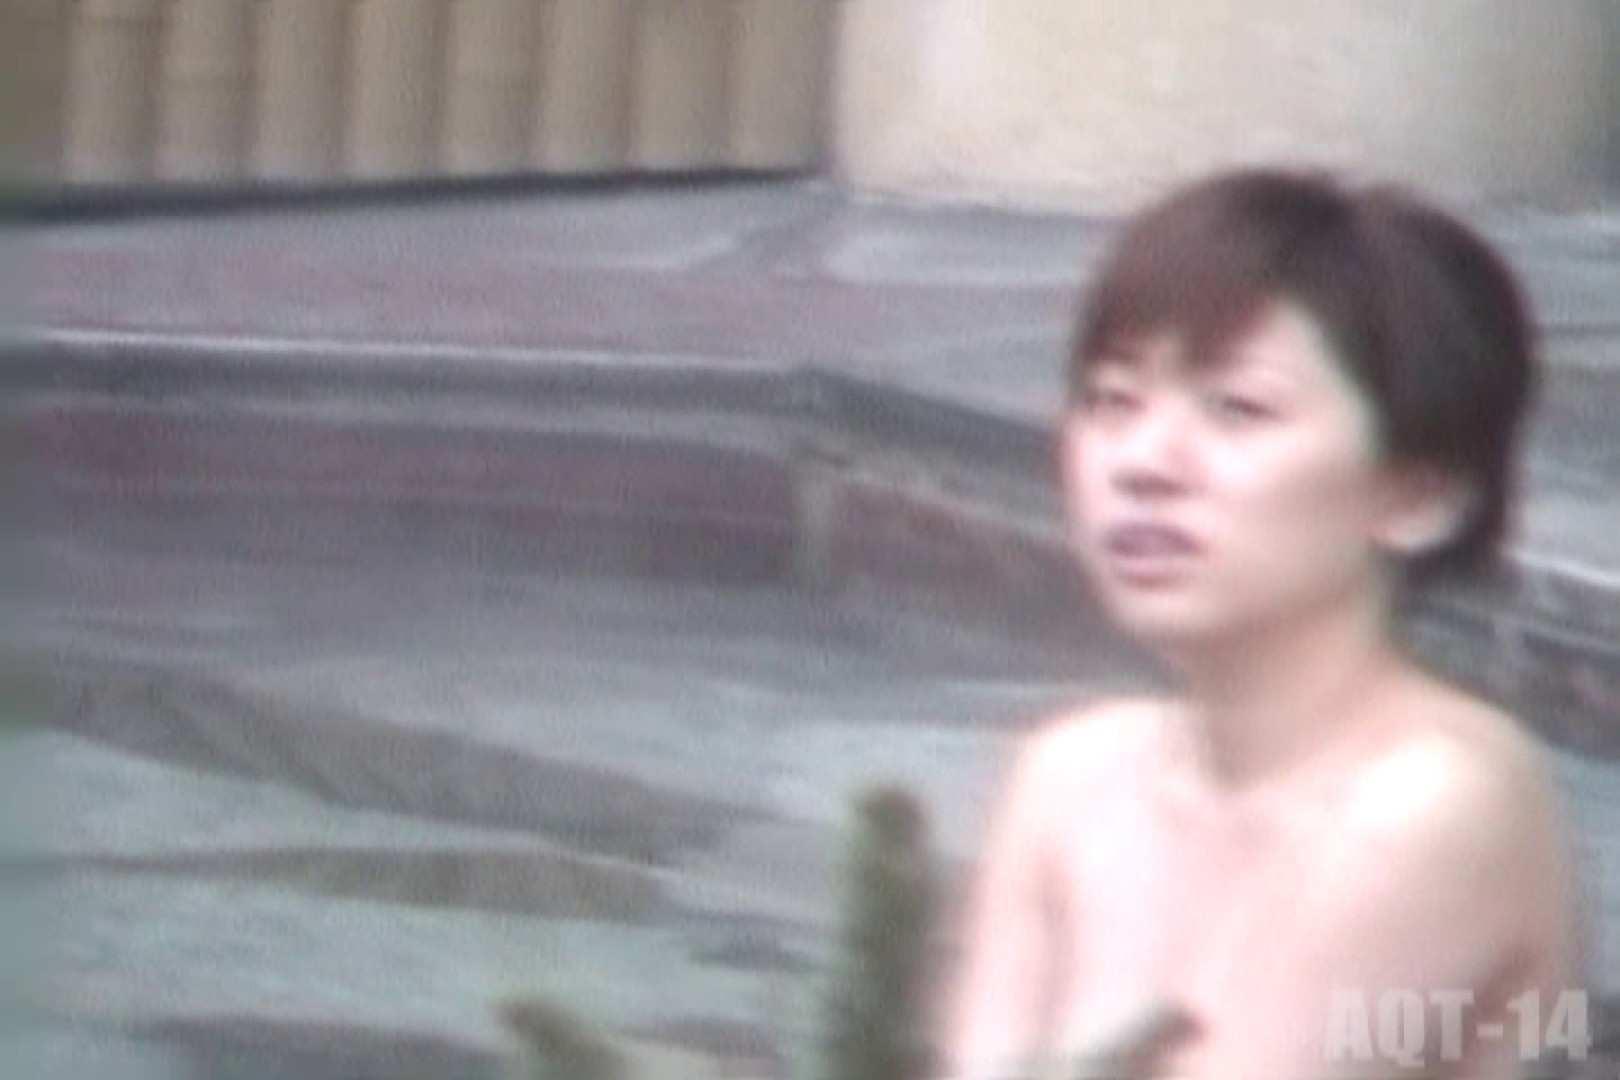 Aquaな露天風呂Vol.821 OLのエロ生活 隠し撮りオマンコ動画紹介 73連発 50